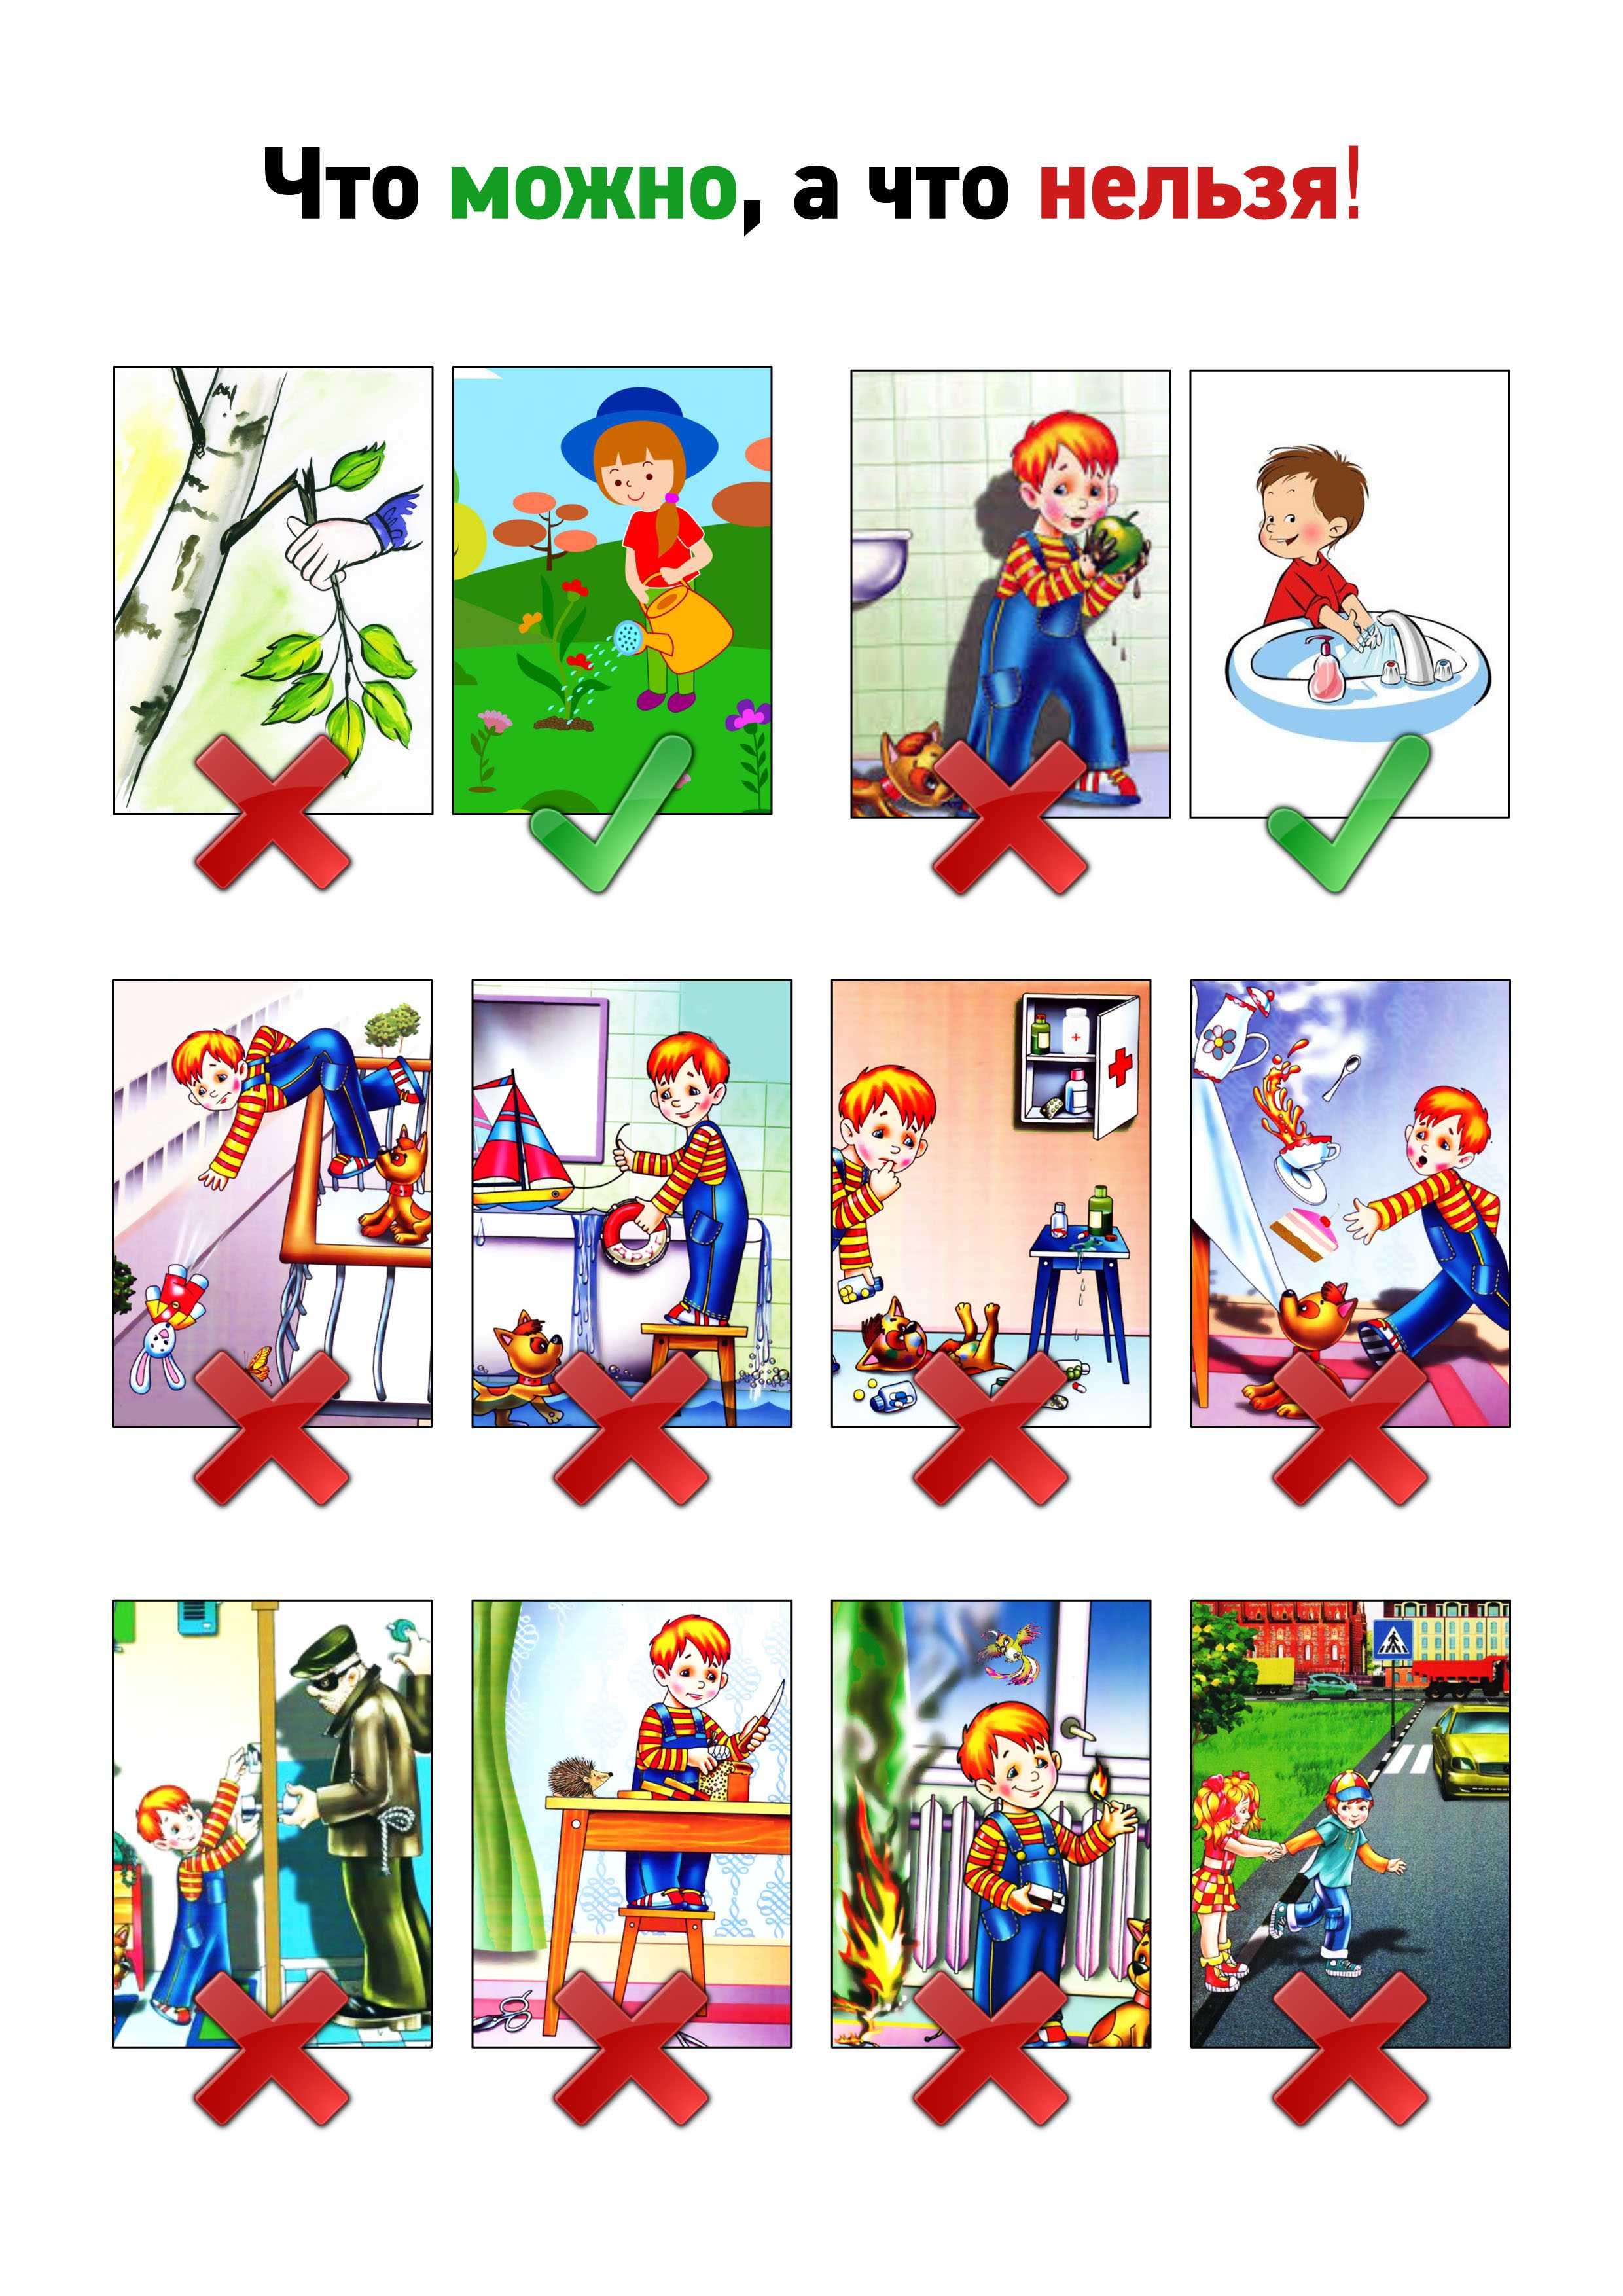 10 вещей, которые нельзя запрещать детям